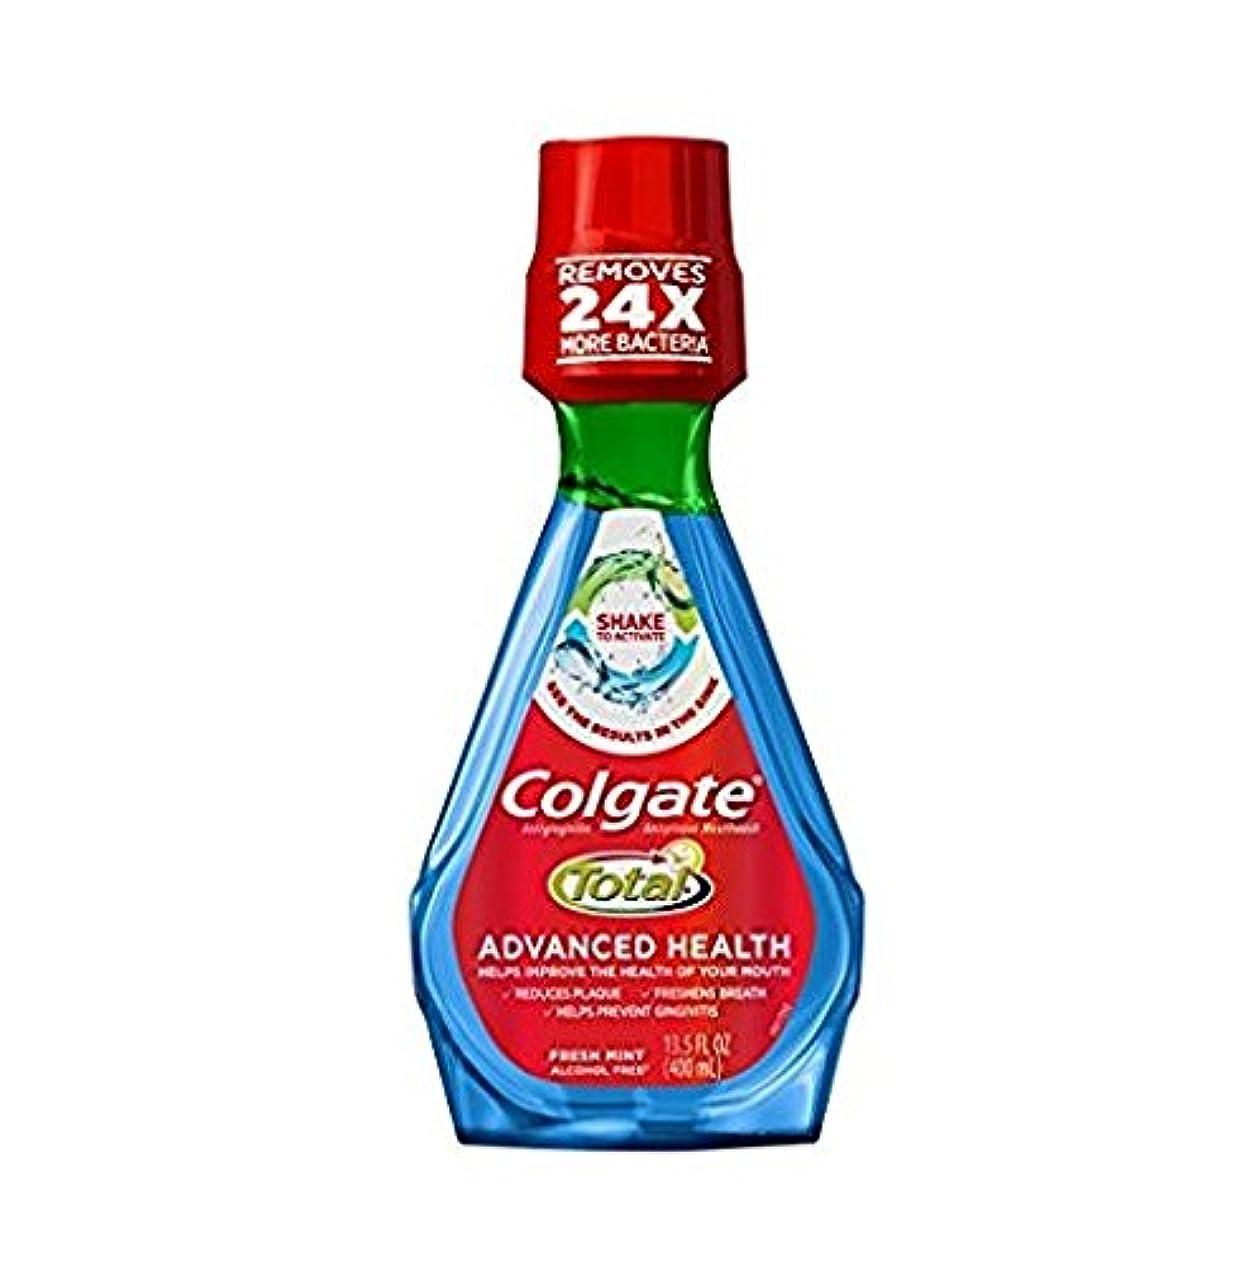 コーヒーバイオリン減衰Colgate 総高度な健康抗歯垢Antiqingivitisうがい薬、フレッシュミント、13.5液量オンス(2パック)